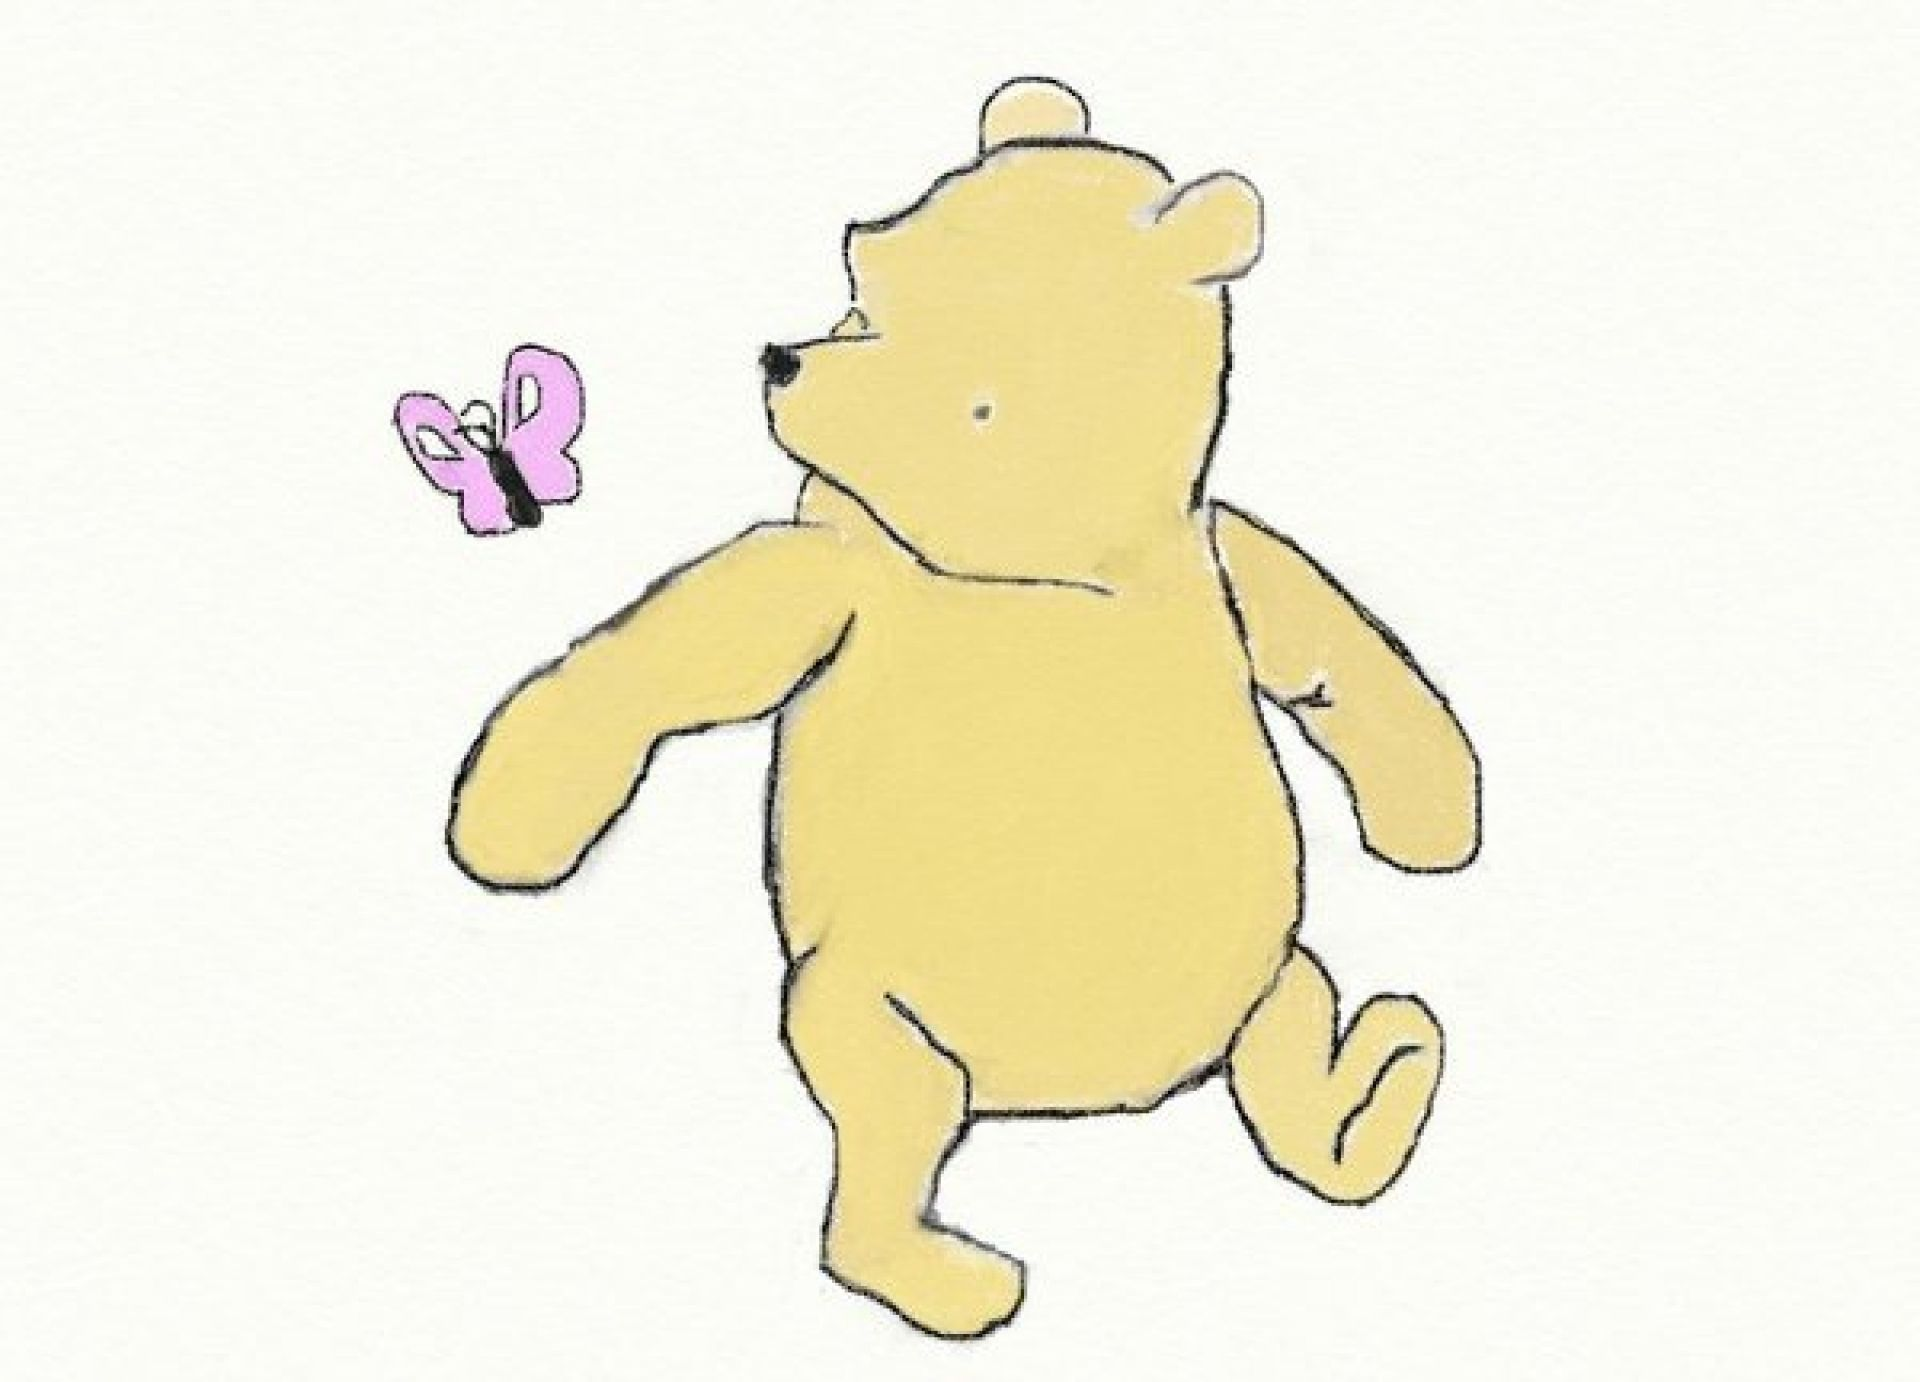 Classic Winnie The Pooh Wallpaper Wallpaper Com Imagens